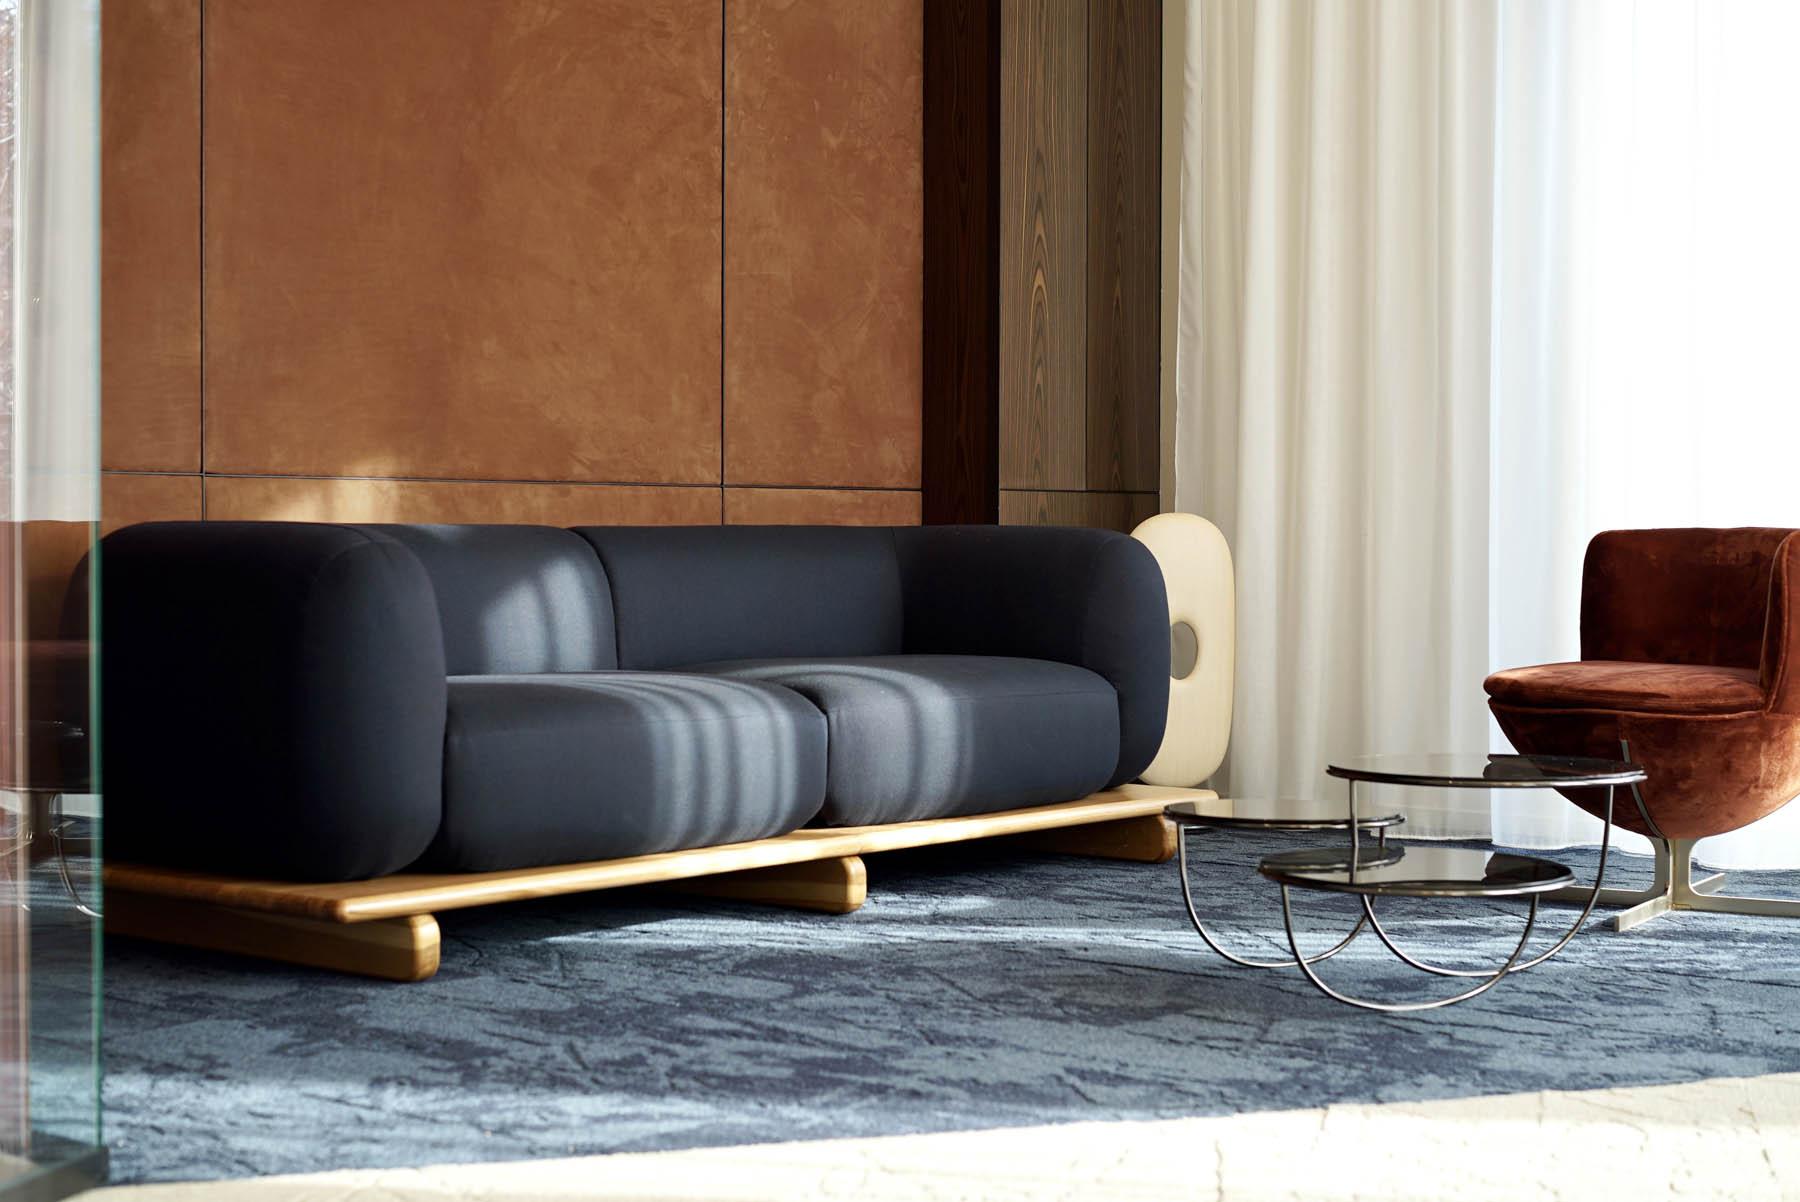 """Canapé / Sofa """"Onigiri"""" par Louis Denavaut (Cider). Panneaux habillage mur en daim / suédés"""